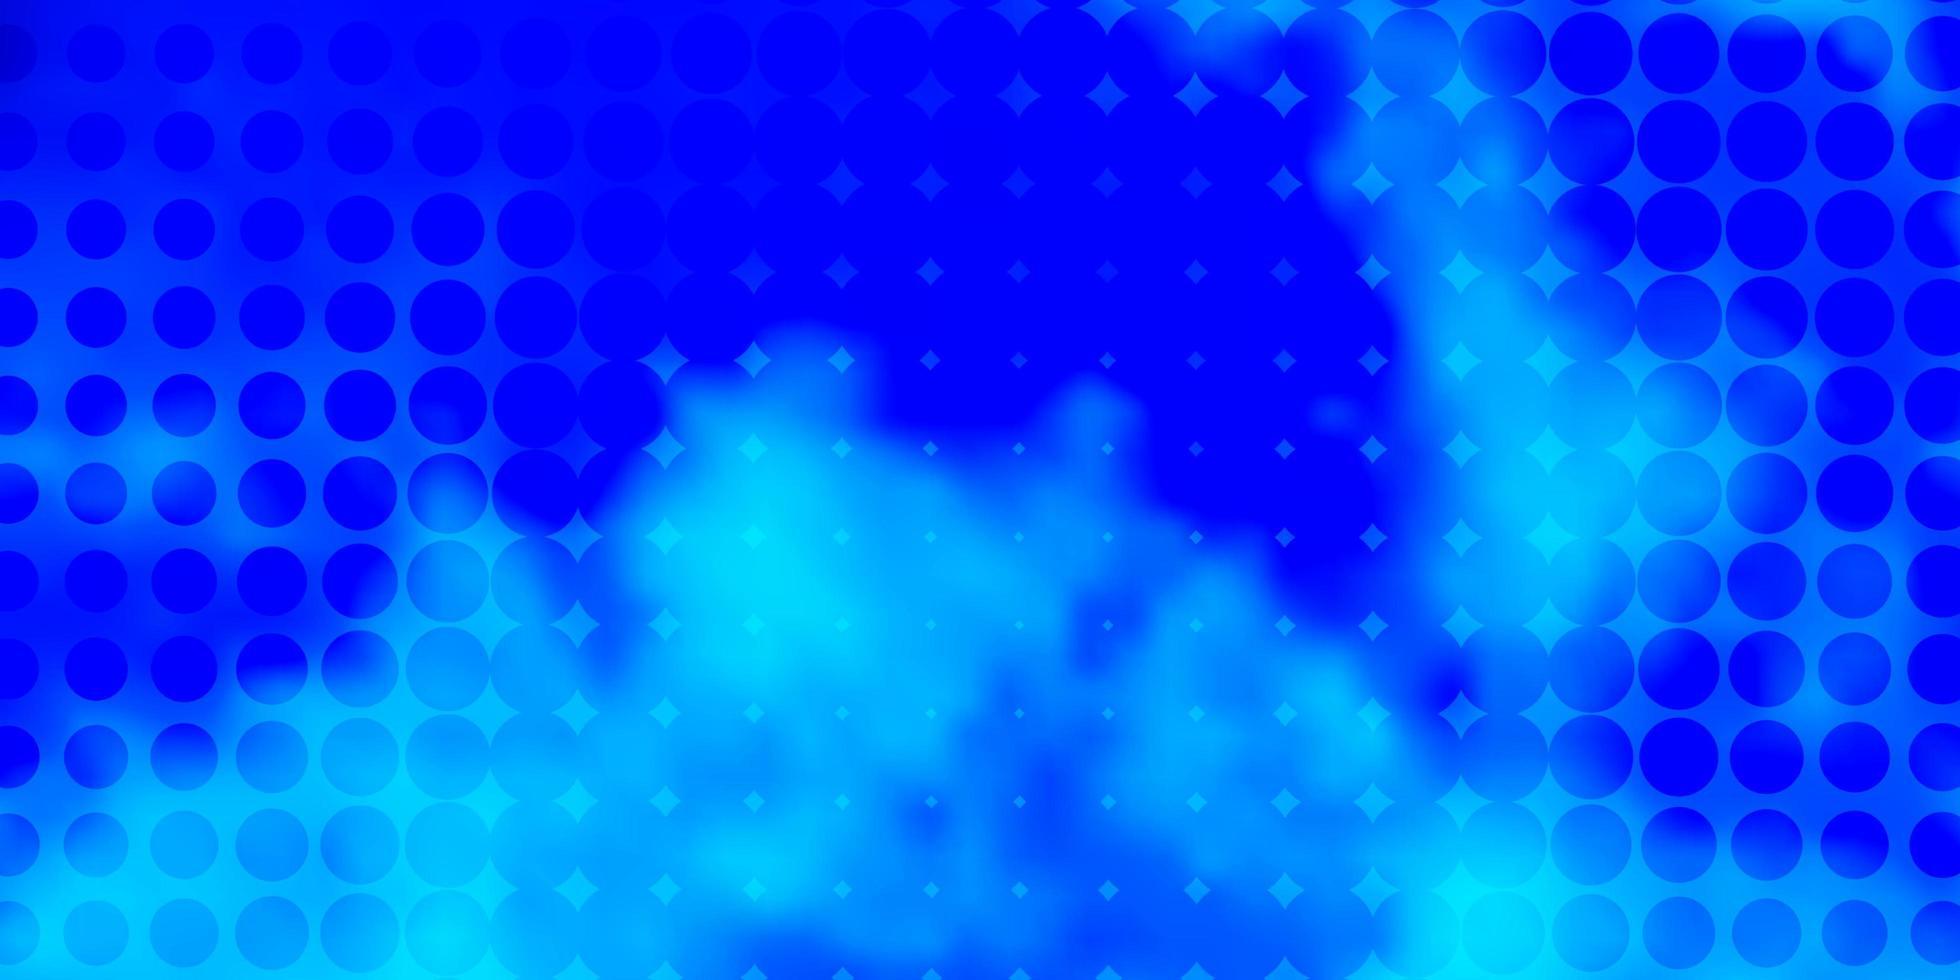 sfondo azzurro con bolle. vettore